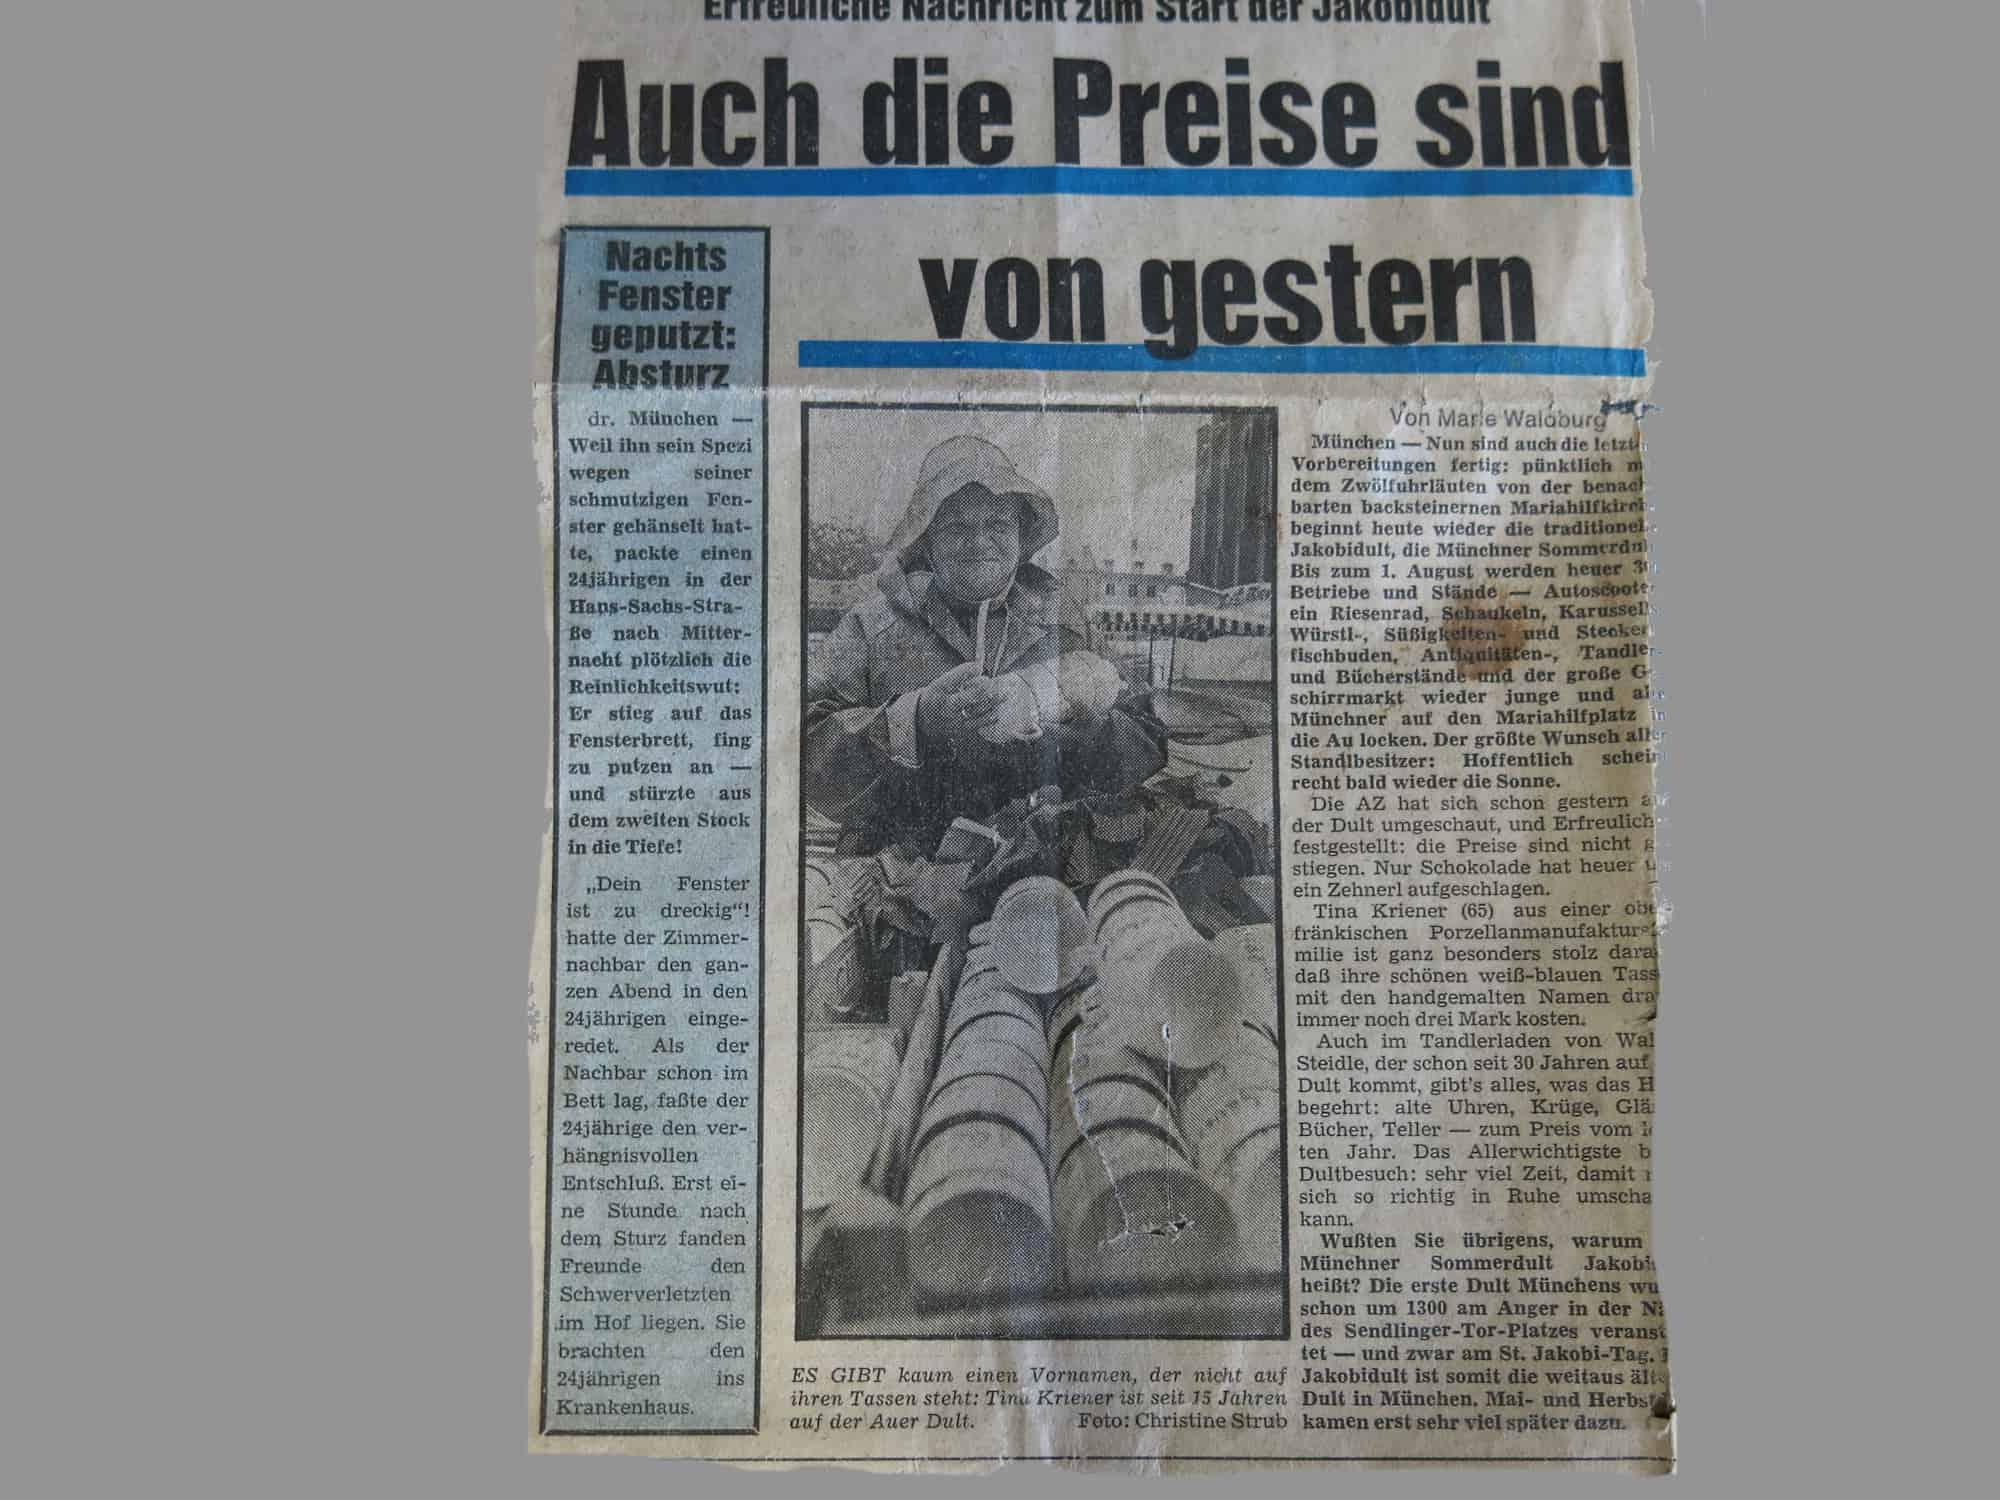 Artikel Abendzeitung München über Auerdult vom 25. -26. August 1975